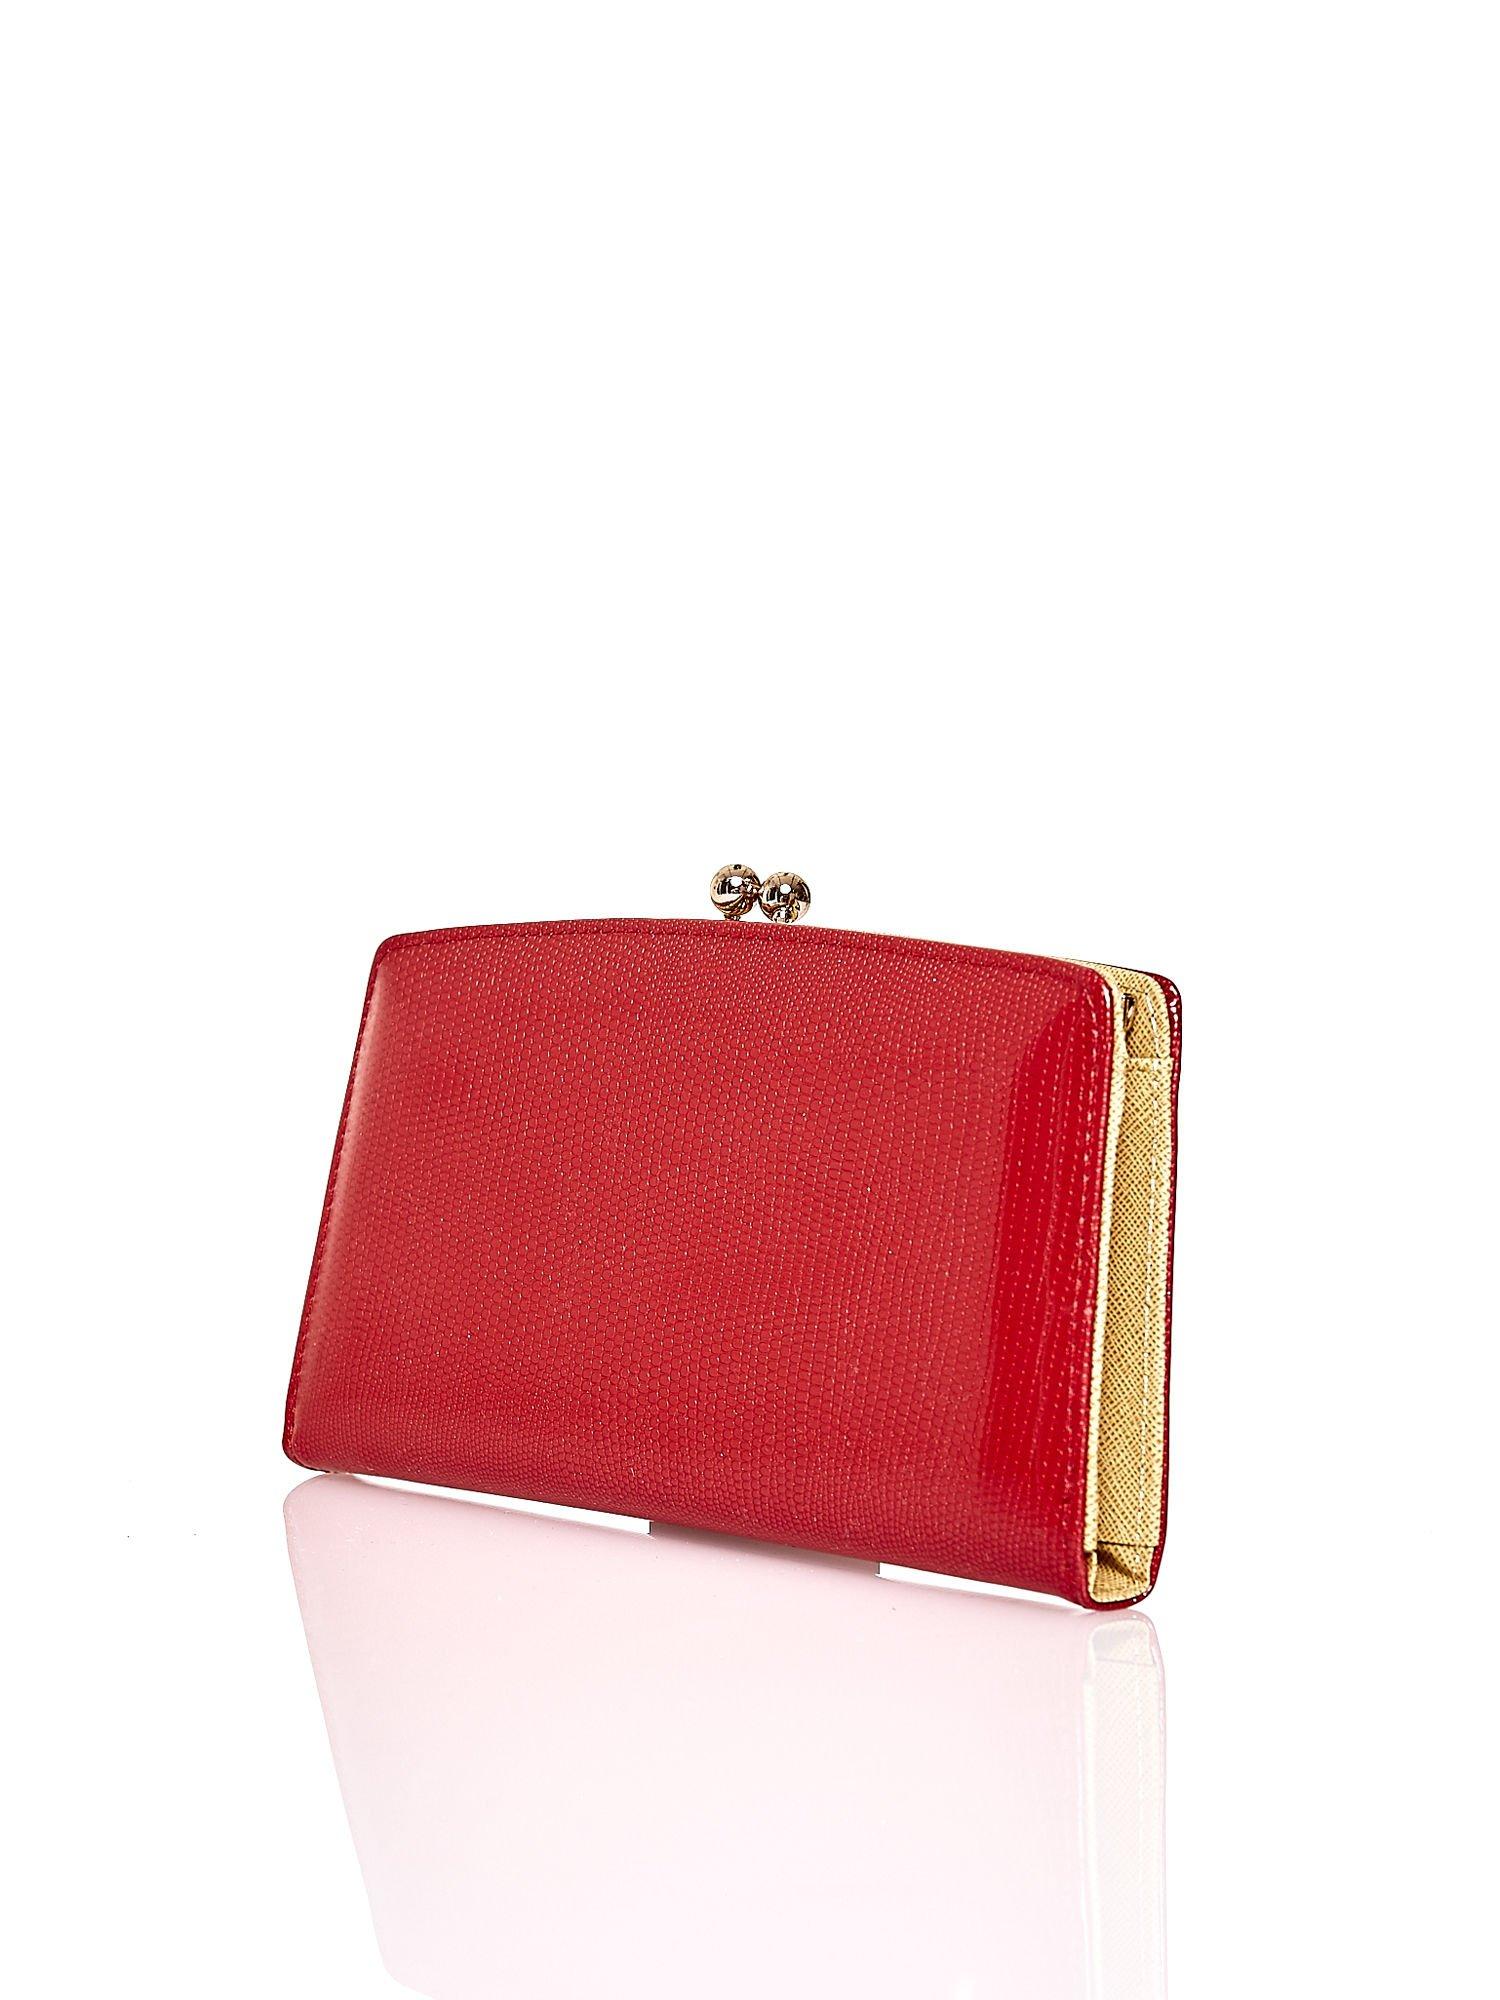 Czerwony portfel z motywem skóry węża z biglem                                  zdj.                                  2